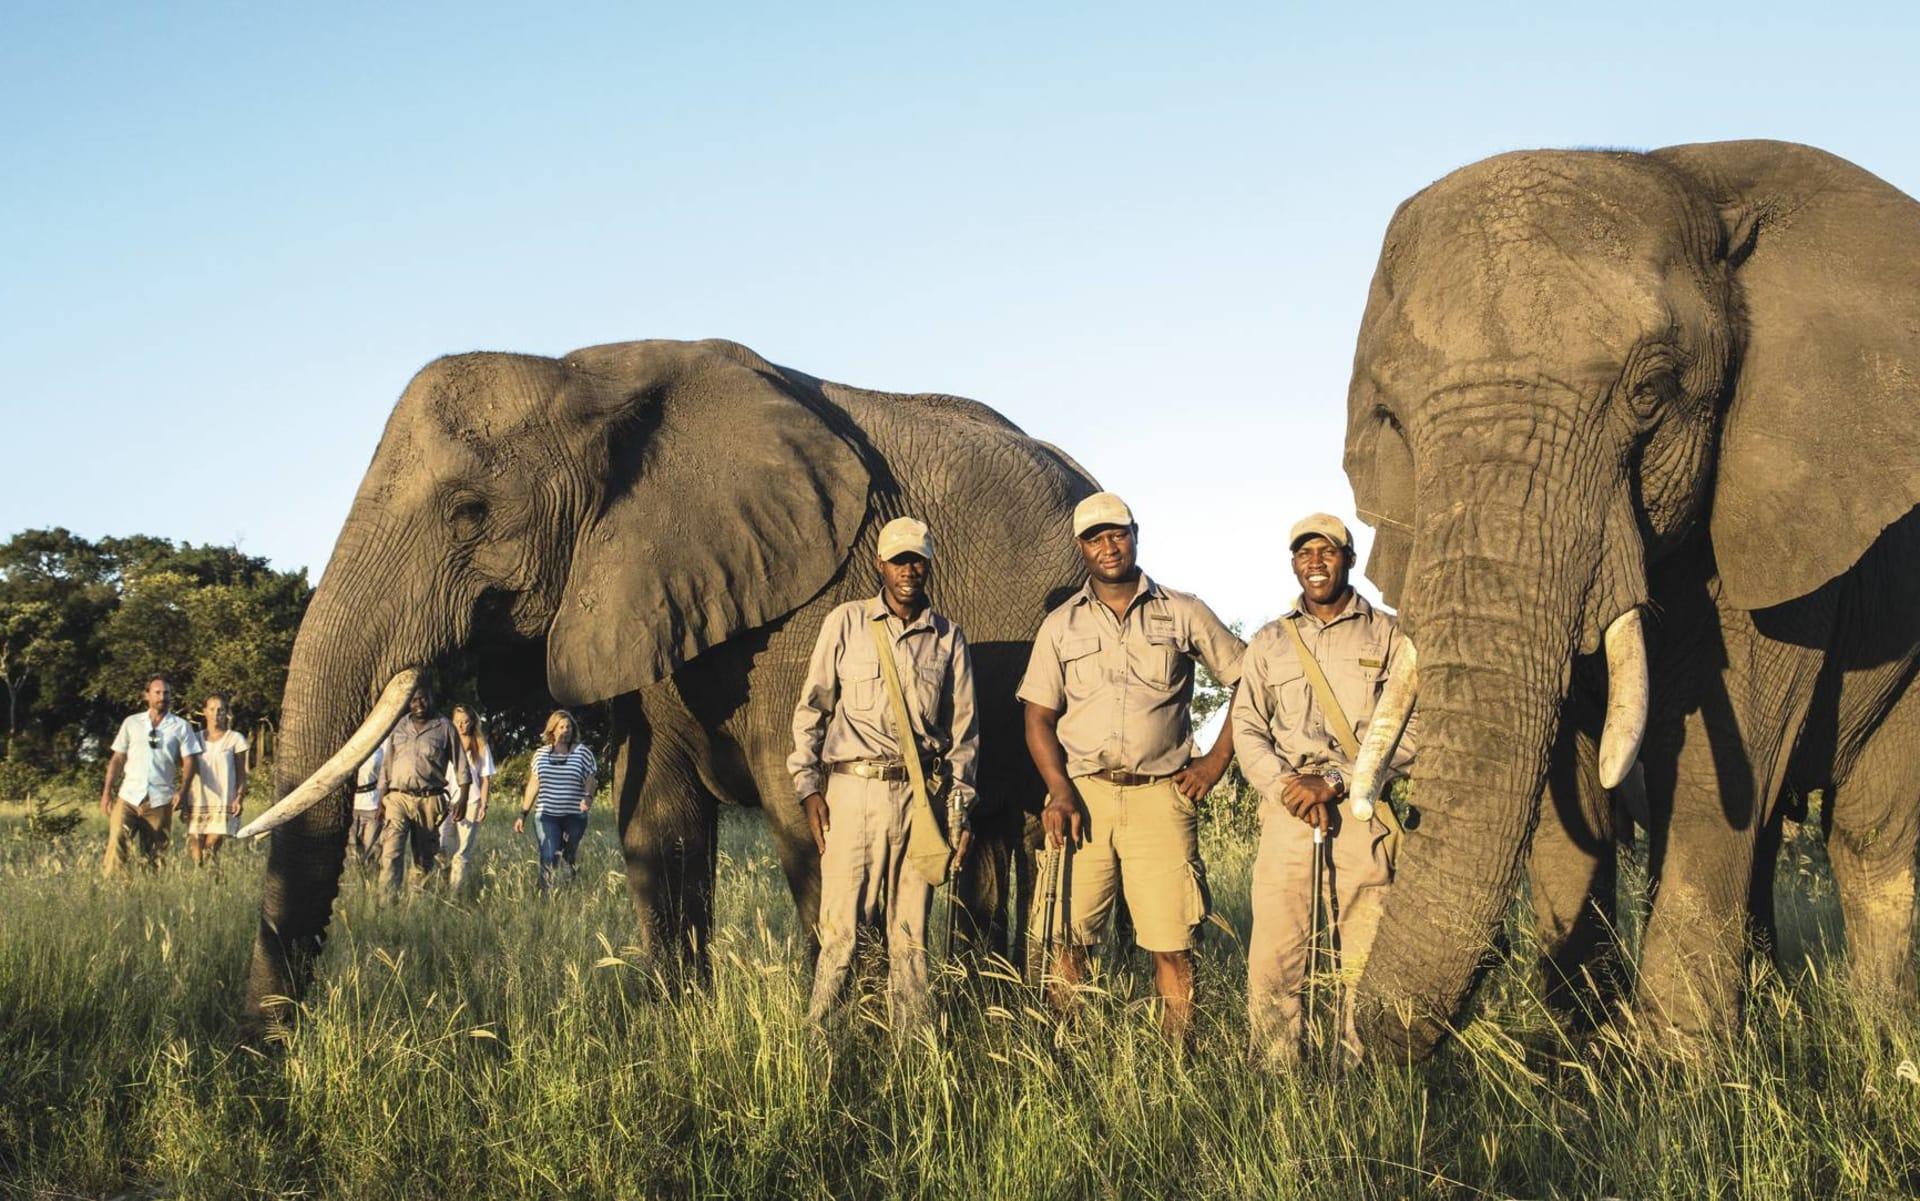 Abu Camp in Okavango Delta: Aktiv Abou Camp Elefanten und Menschen